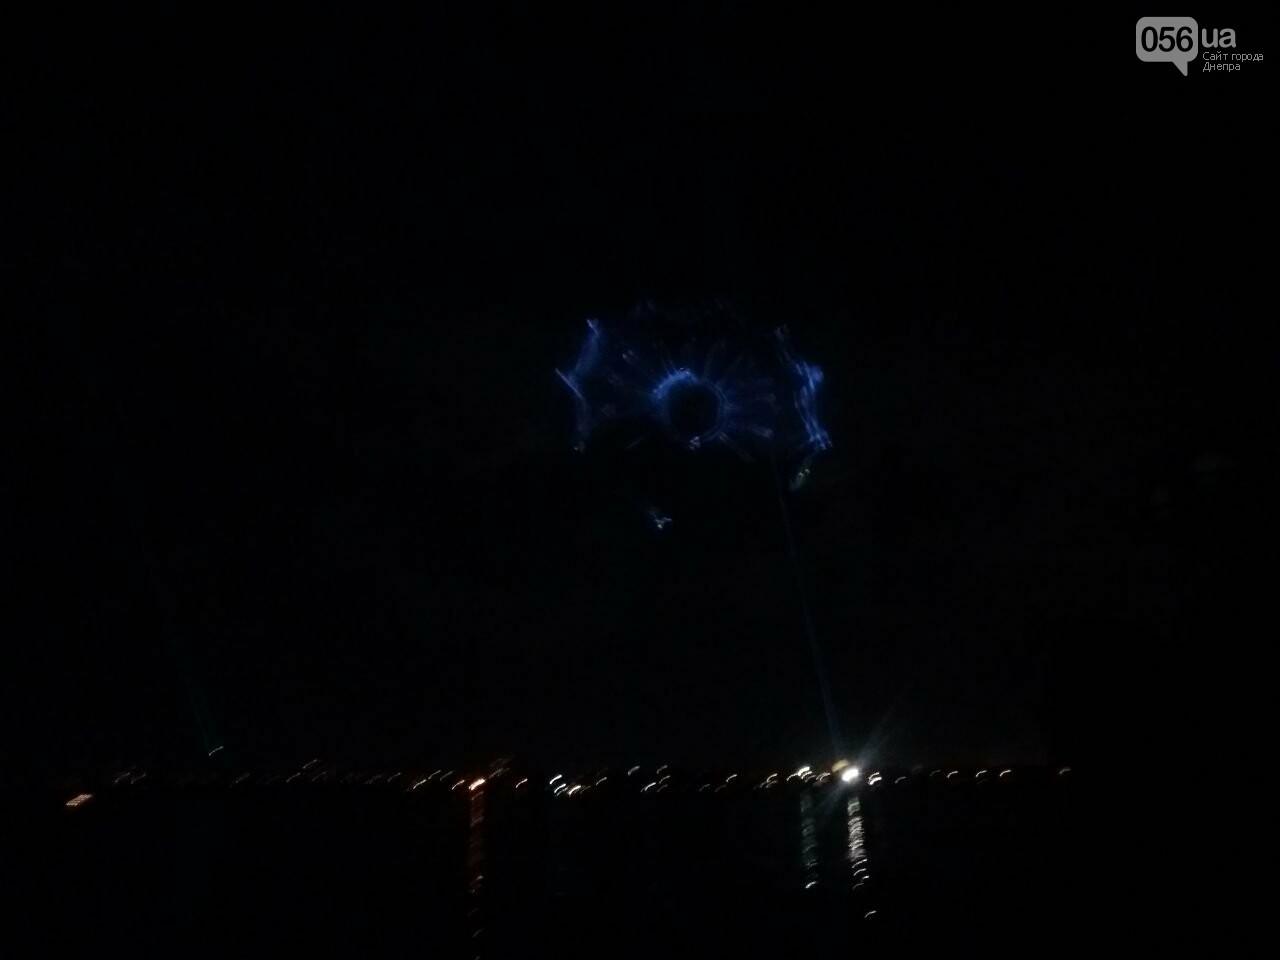 В Днепре возле Фестивального причала засветилась река, - ФОТО, ВИДЕО, фото-9